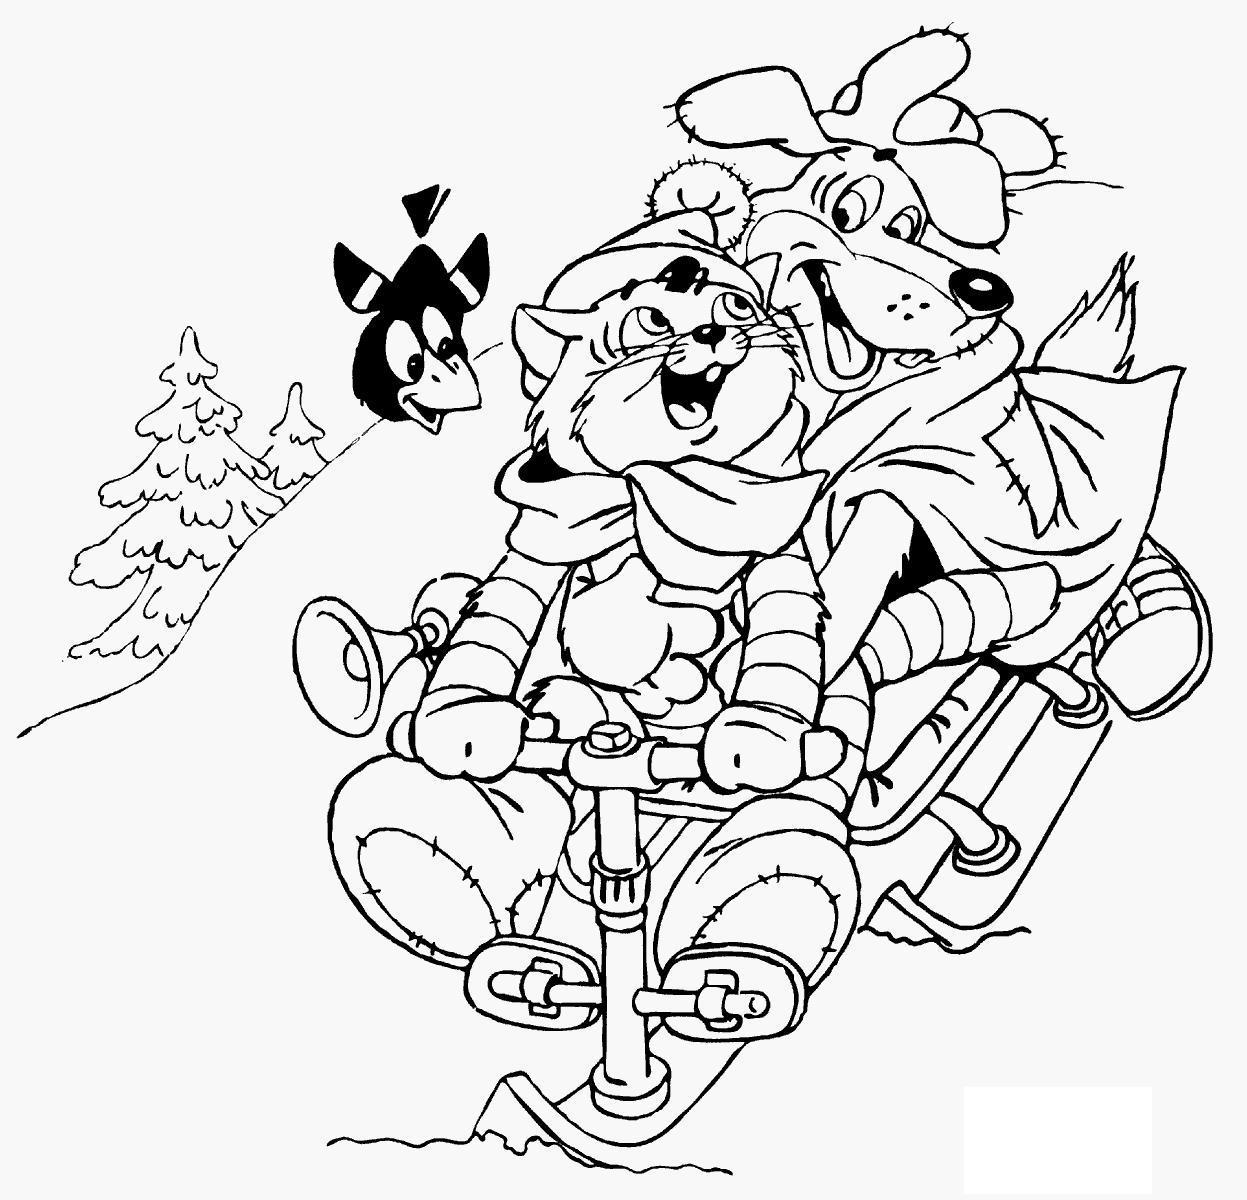 Простоквашино пес и кот катаются с горы Раскраска сказочная зима